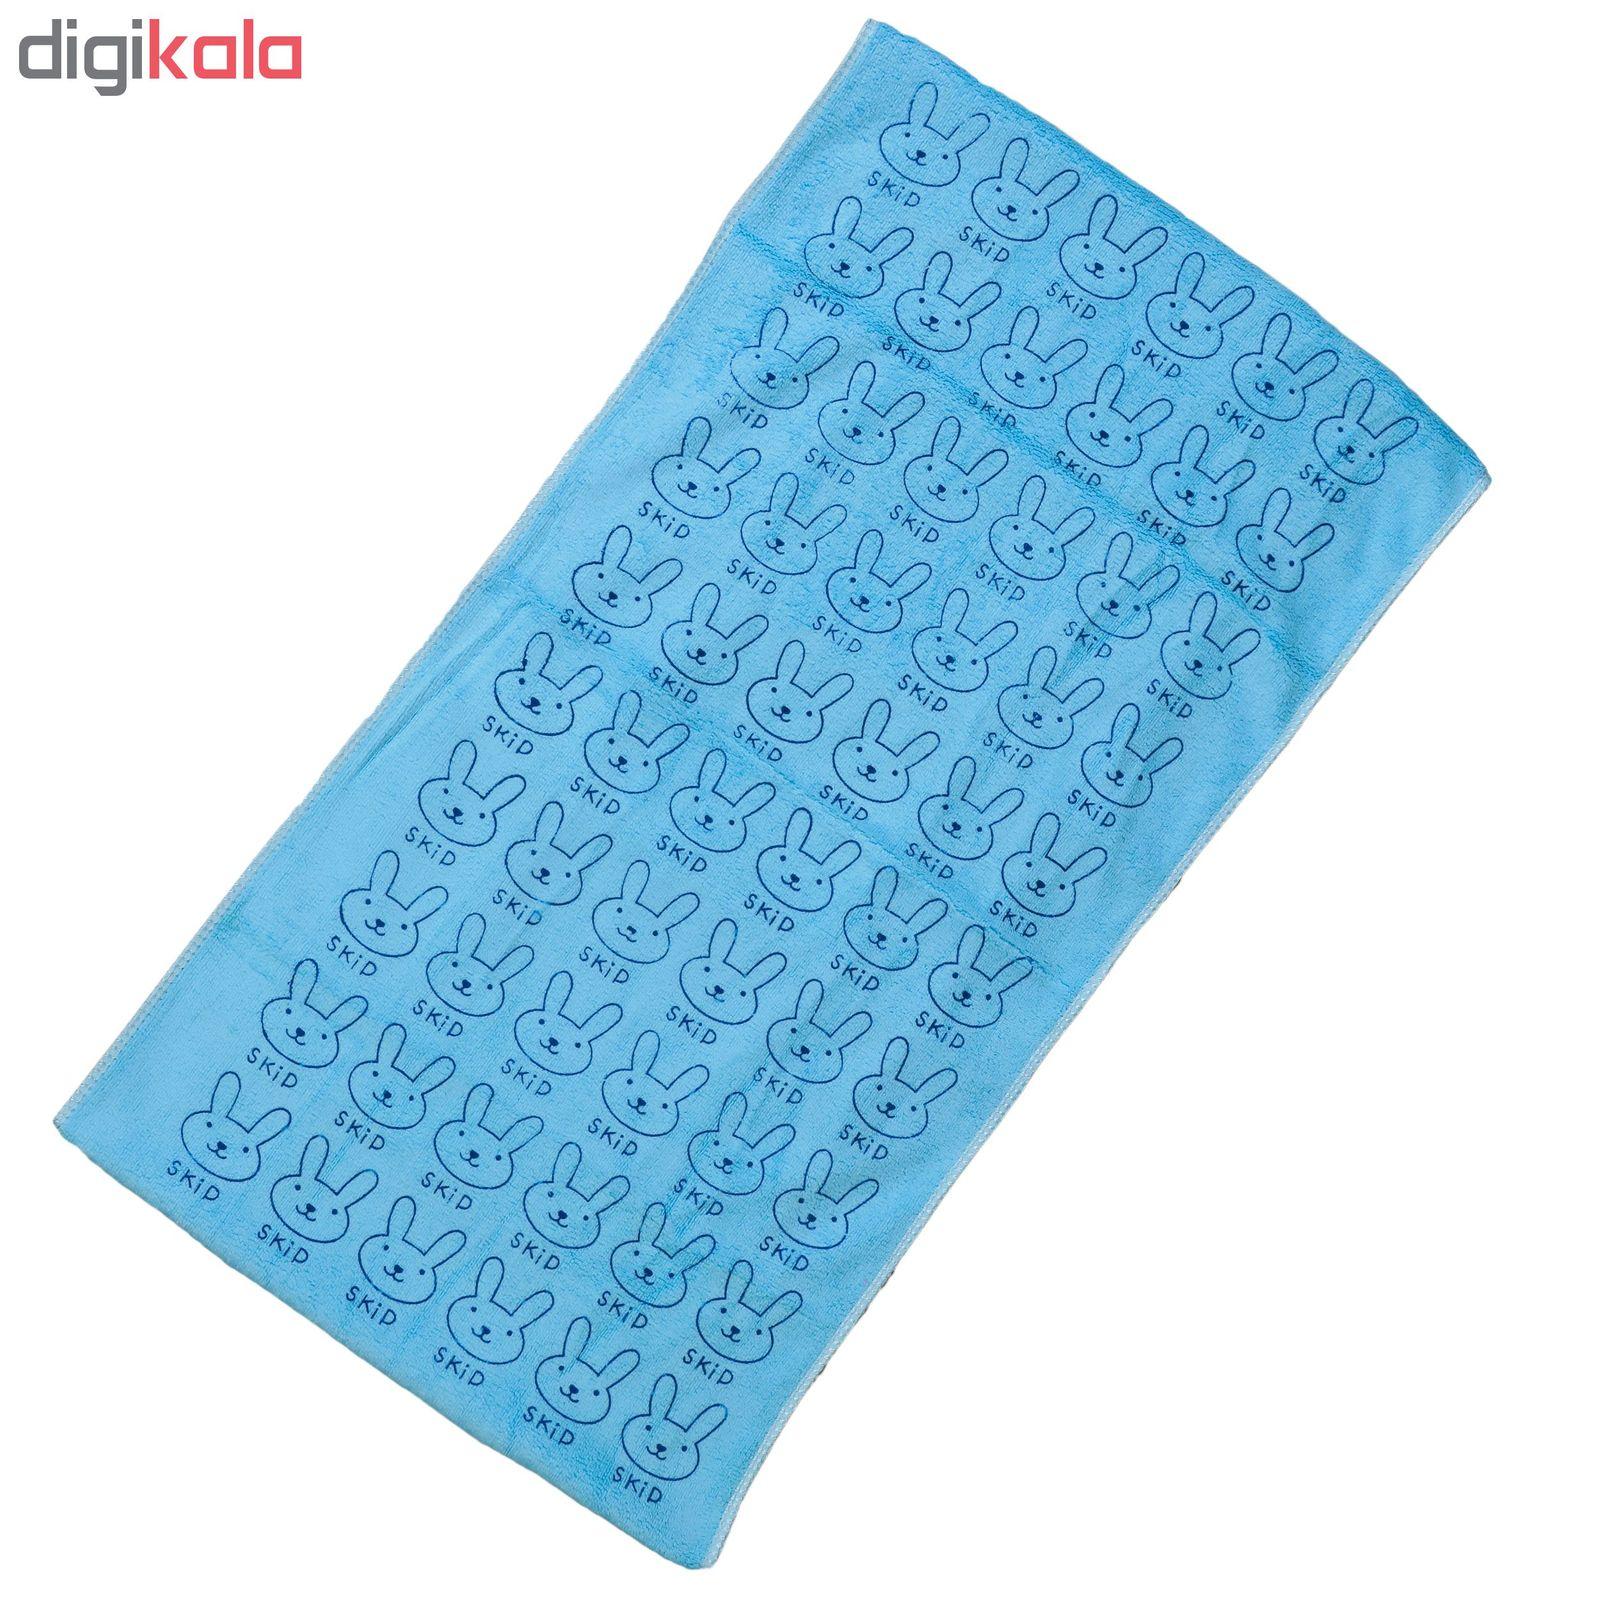 دستمال نظافت خودرو طرح رابیت کد 223 main 1 4